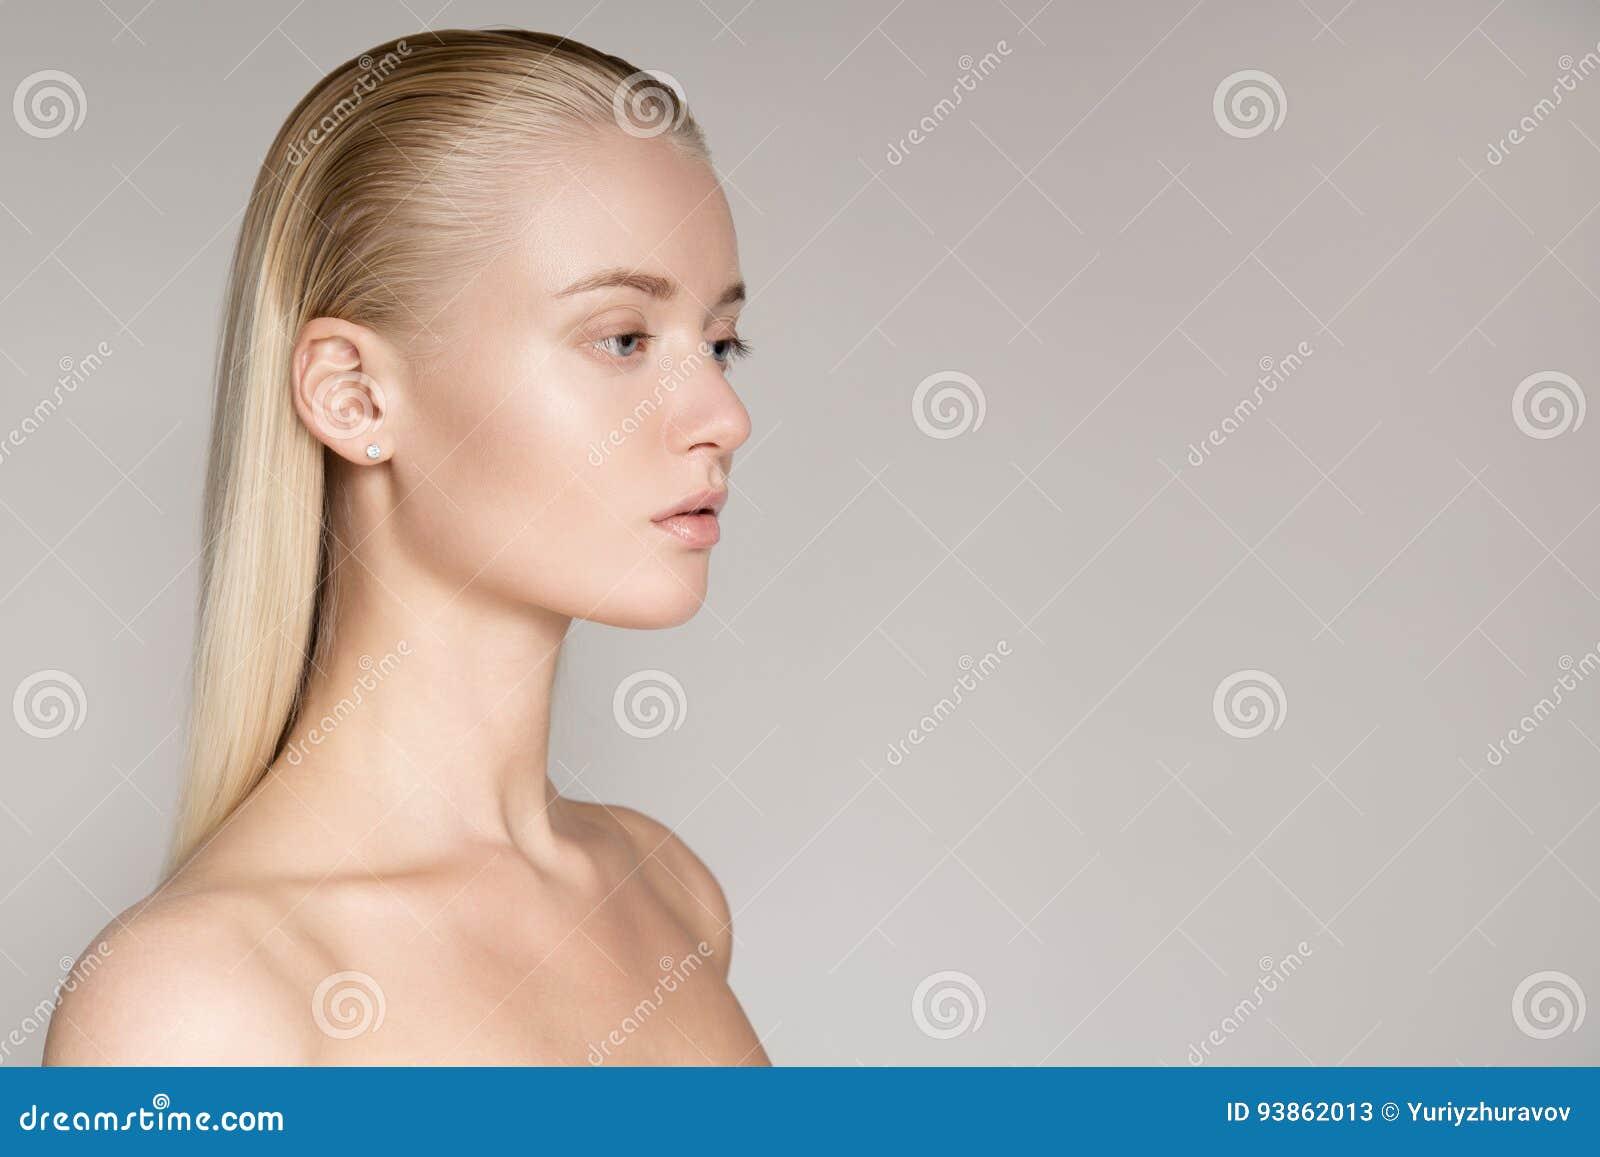 Porträt einer schönen jungen blonden Frau mit langem geradem Hai